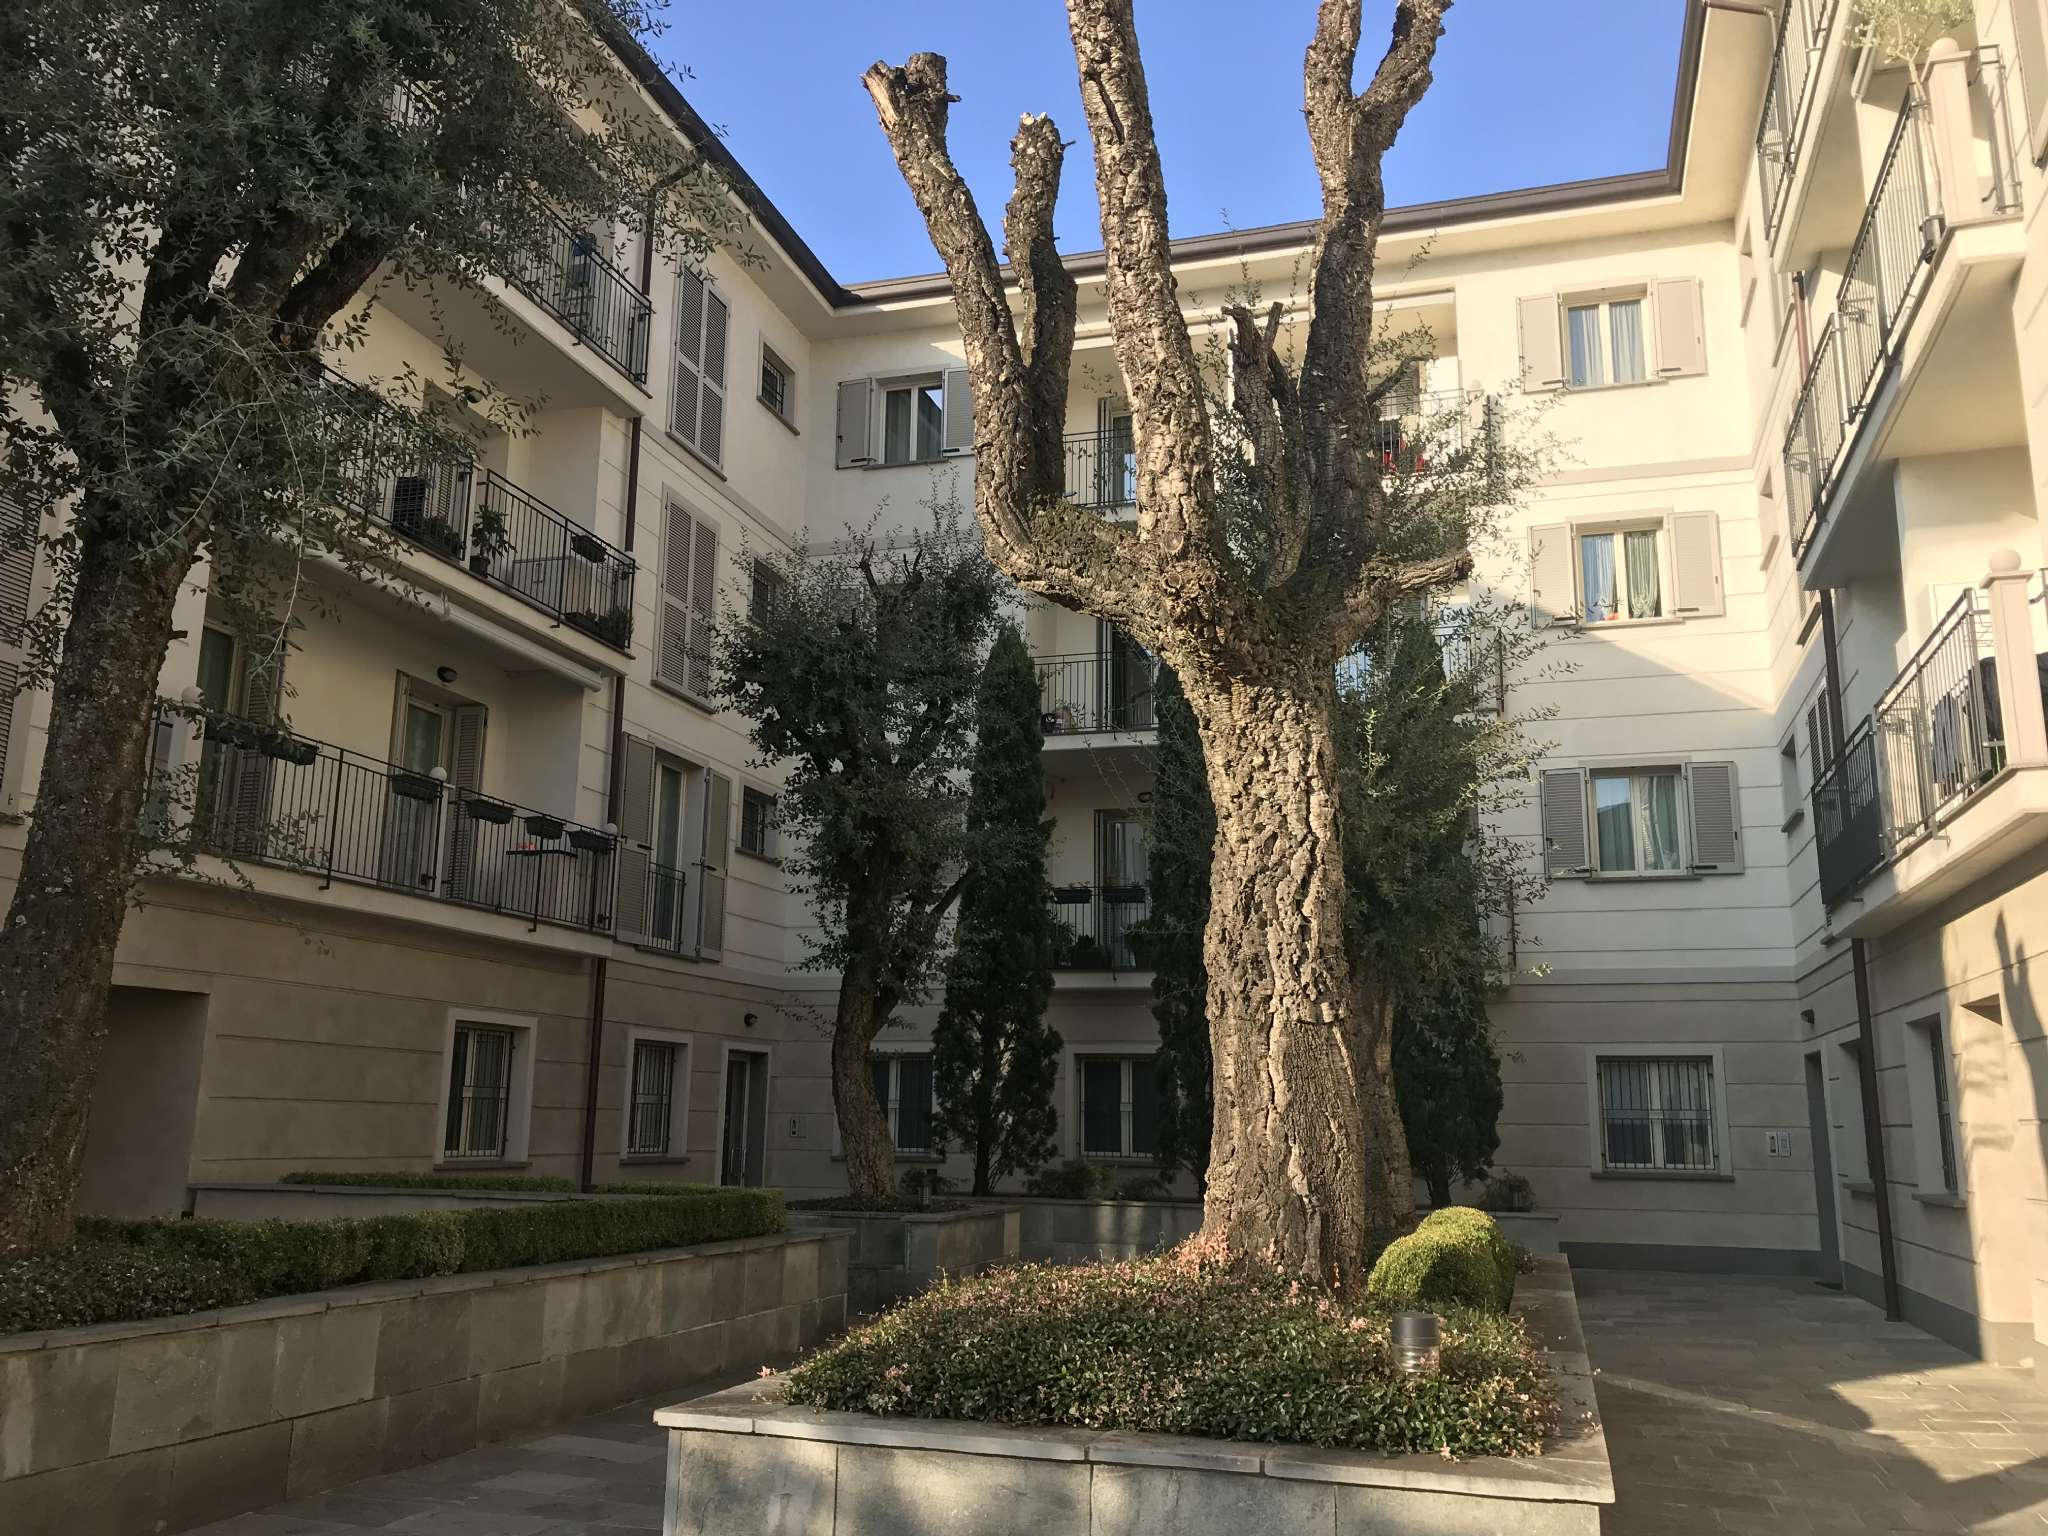 Appartamento in vendita a Cormano, 4 locali, prezzo € 360.000 | PortaleAgenzieImmobiliari.it